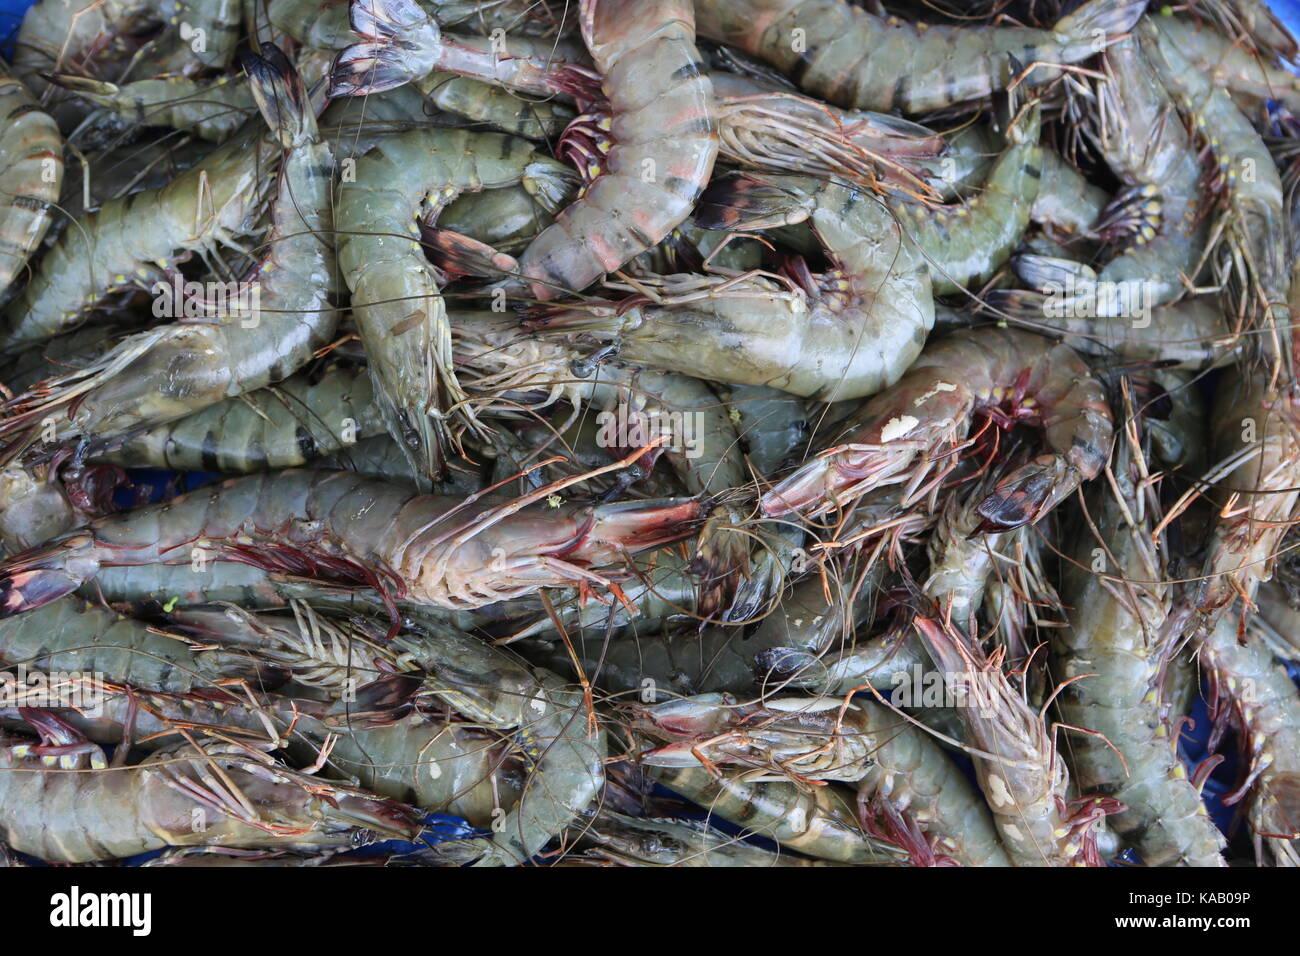 Hintergrundbild Shrimps tiger Prawns roh auf einem Markt - Stock Image